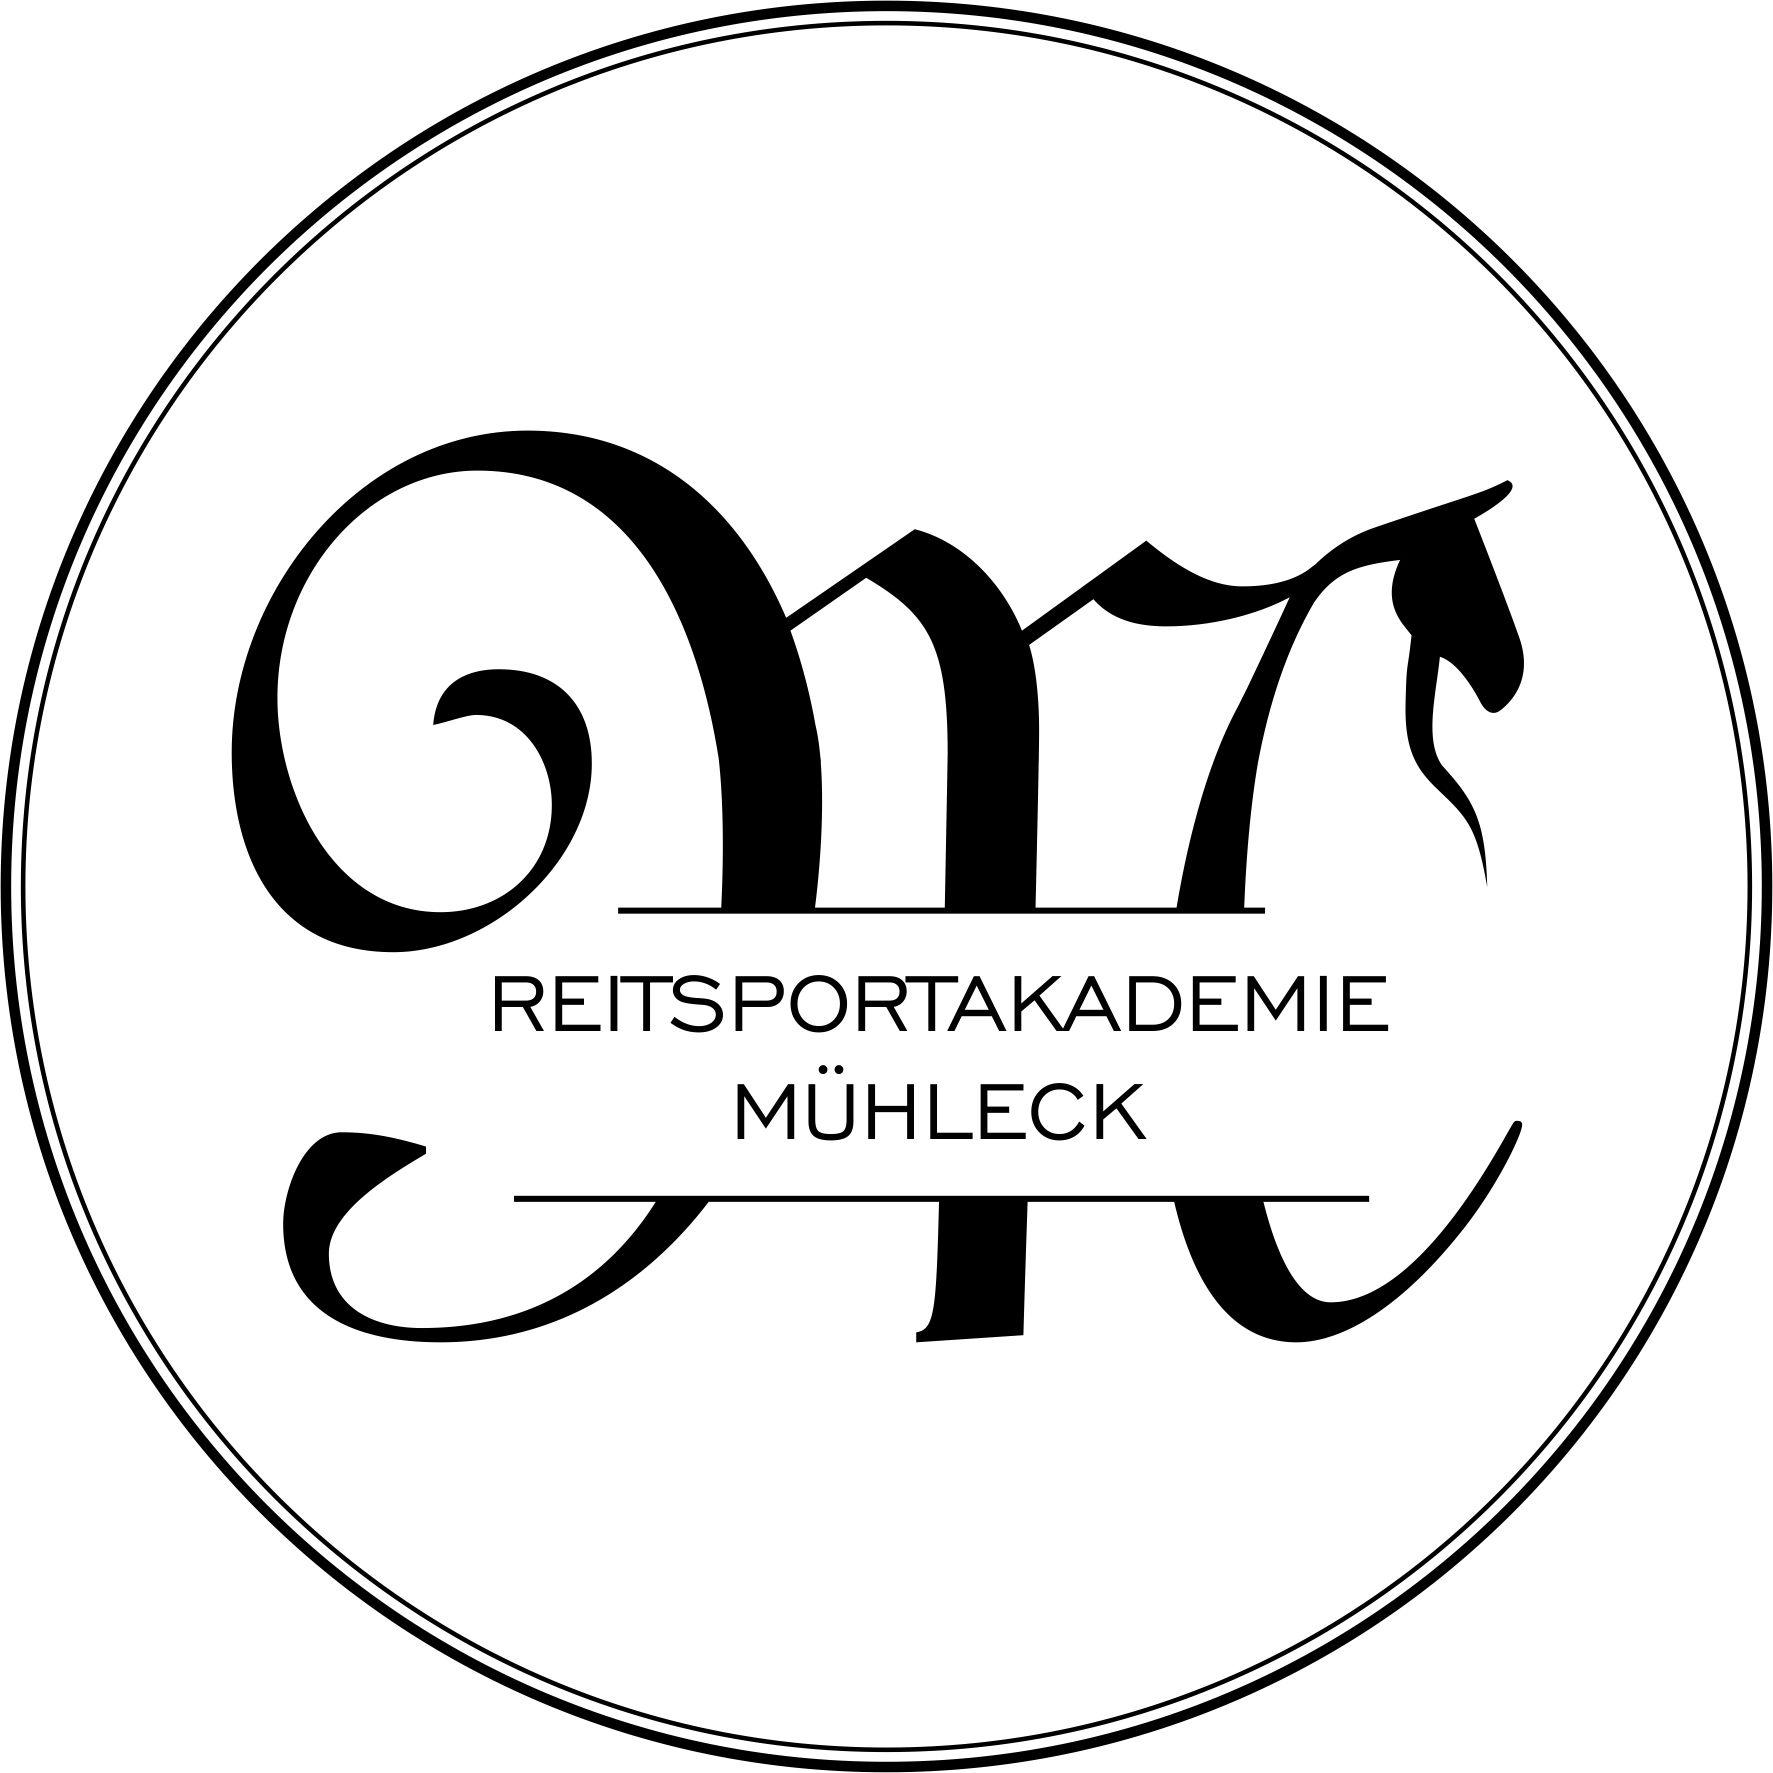 https://futura-solution.at/wp-content/uploads/2019/12/Reitsportakademie-Mühleck_VFinish.jpg